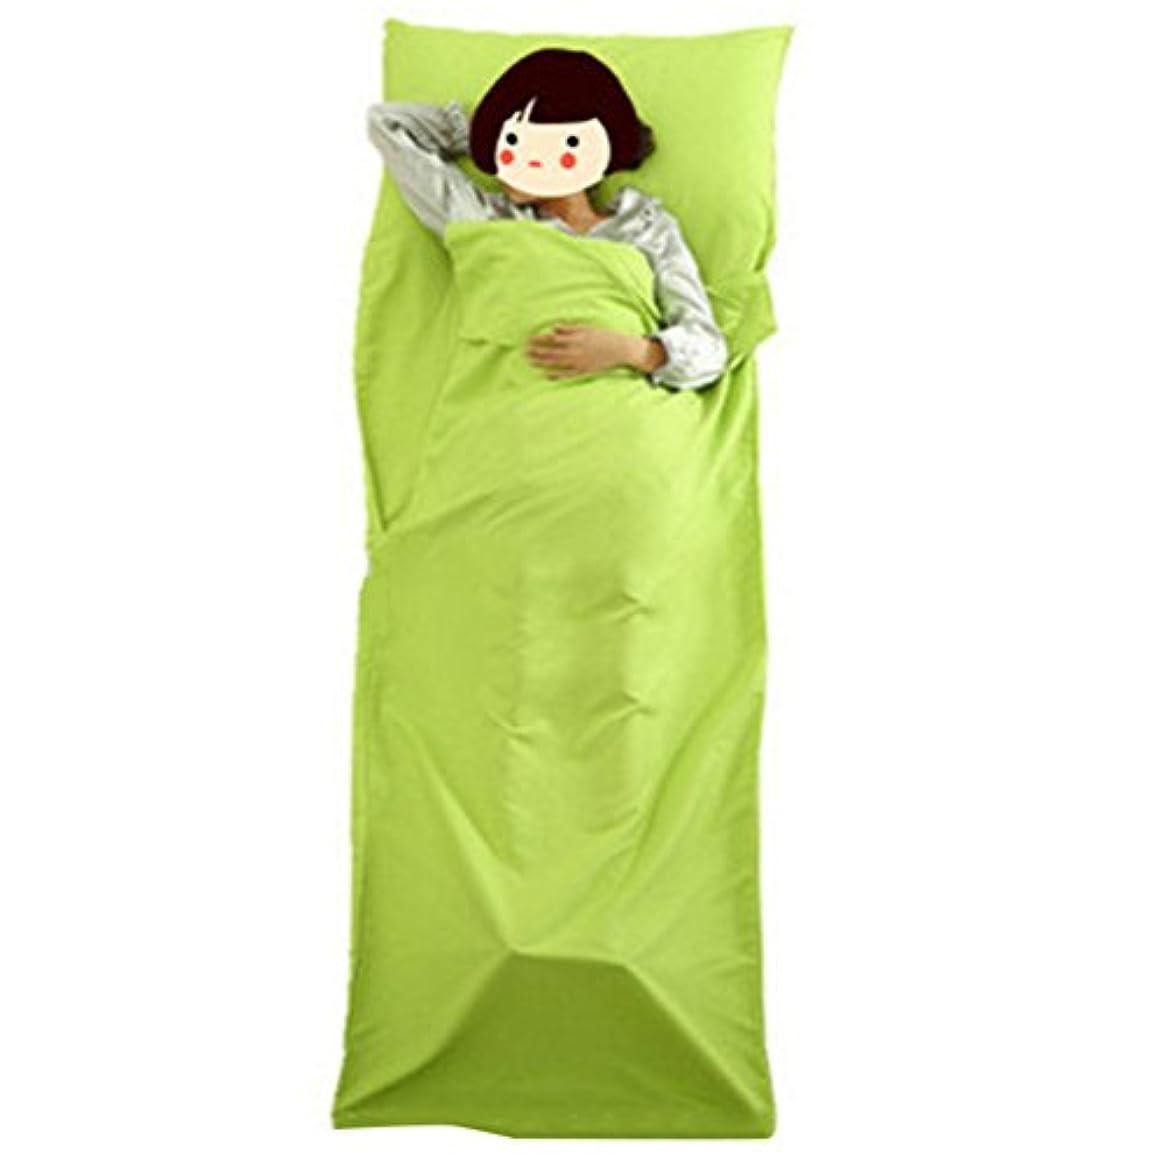 メンダシティデイジー入浴LIOOBO Envelop 寝袋 防水 軽量 ポータブル 寝袋 キャンプ ハイキング 旅行 バックパッキング 75 x 210cm (グリーン)